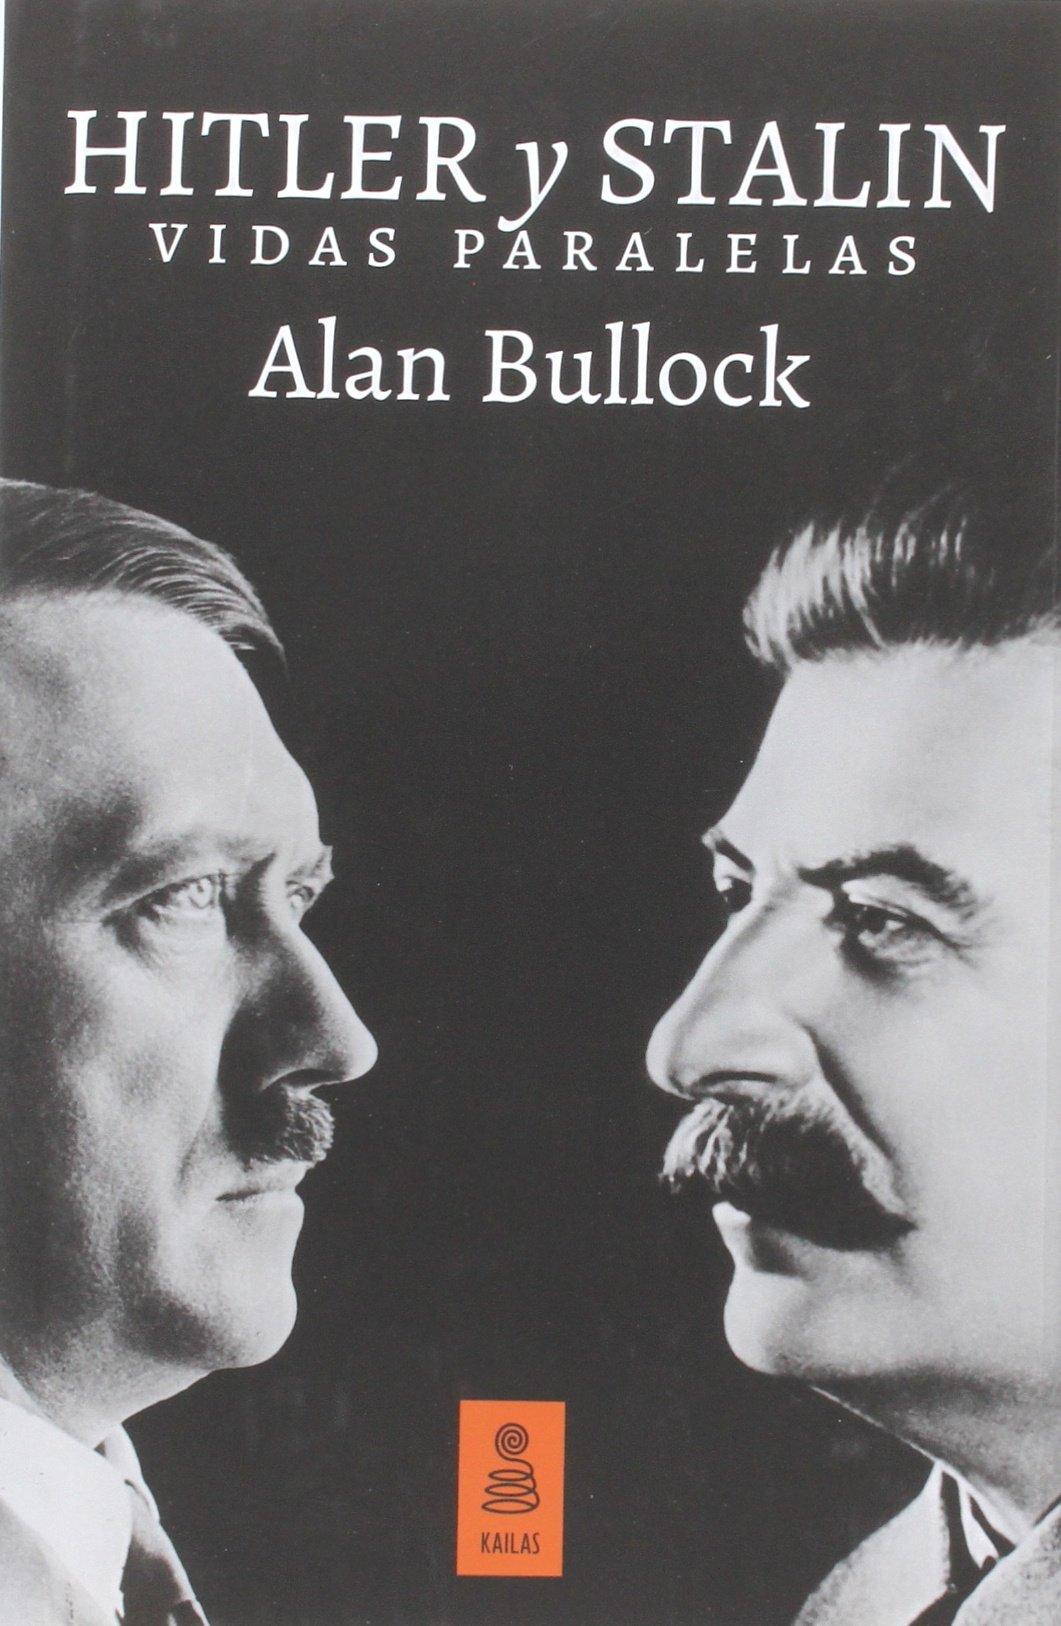 NAZIS Y SEGUNDA GUERRA MUNDIAL (reflexiones, libros, documentales, etc) - Página 9 71a%2BIUBgHmL